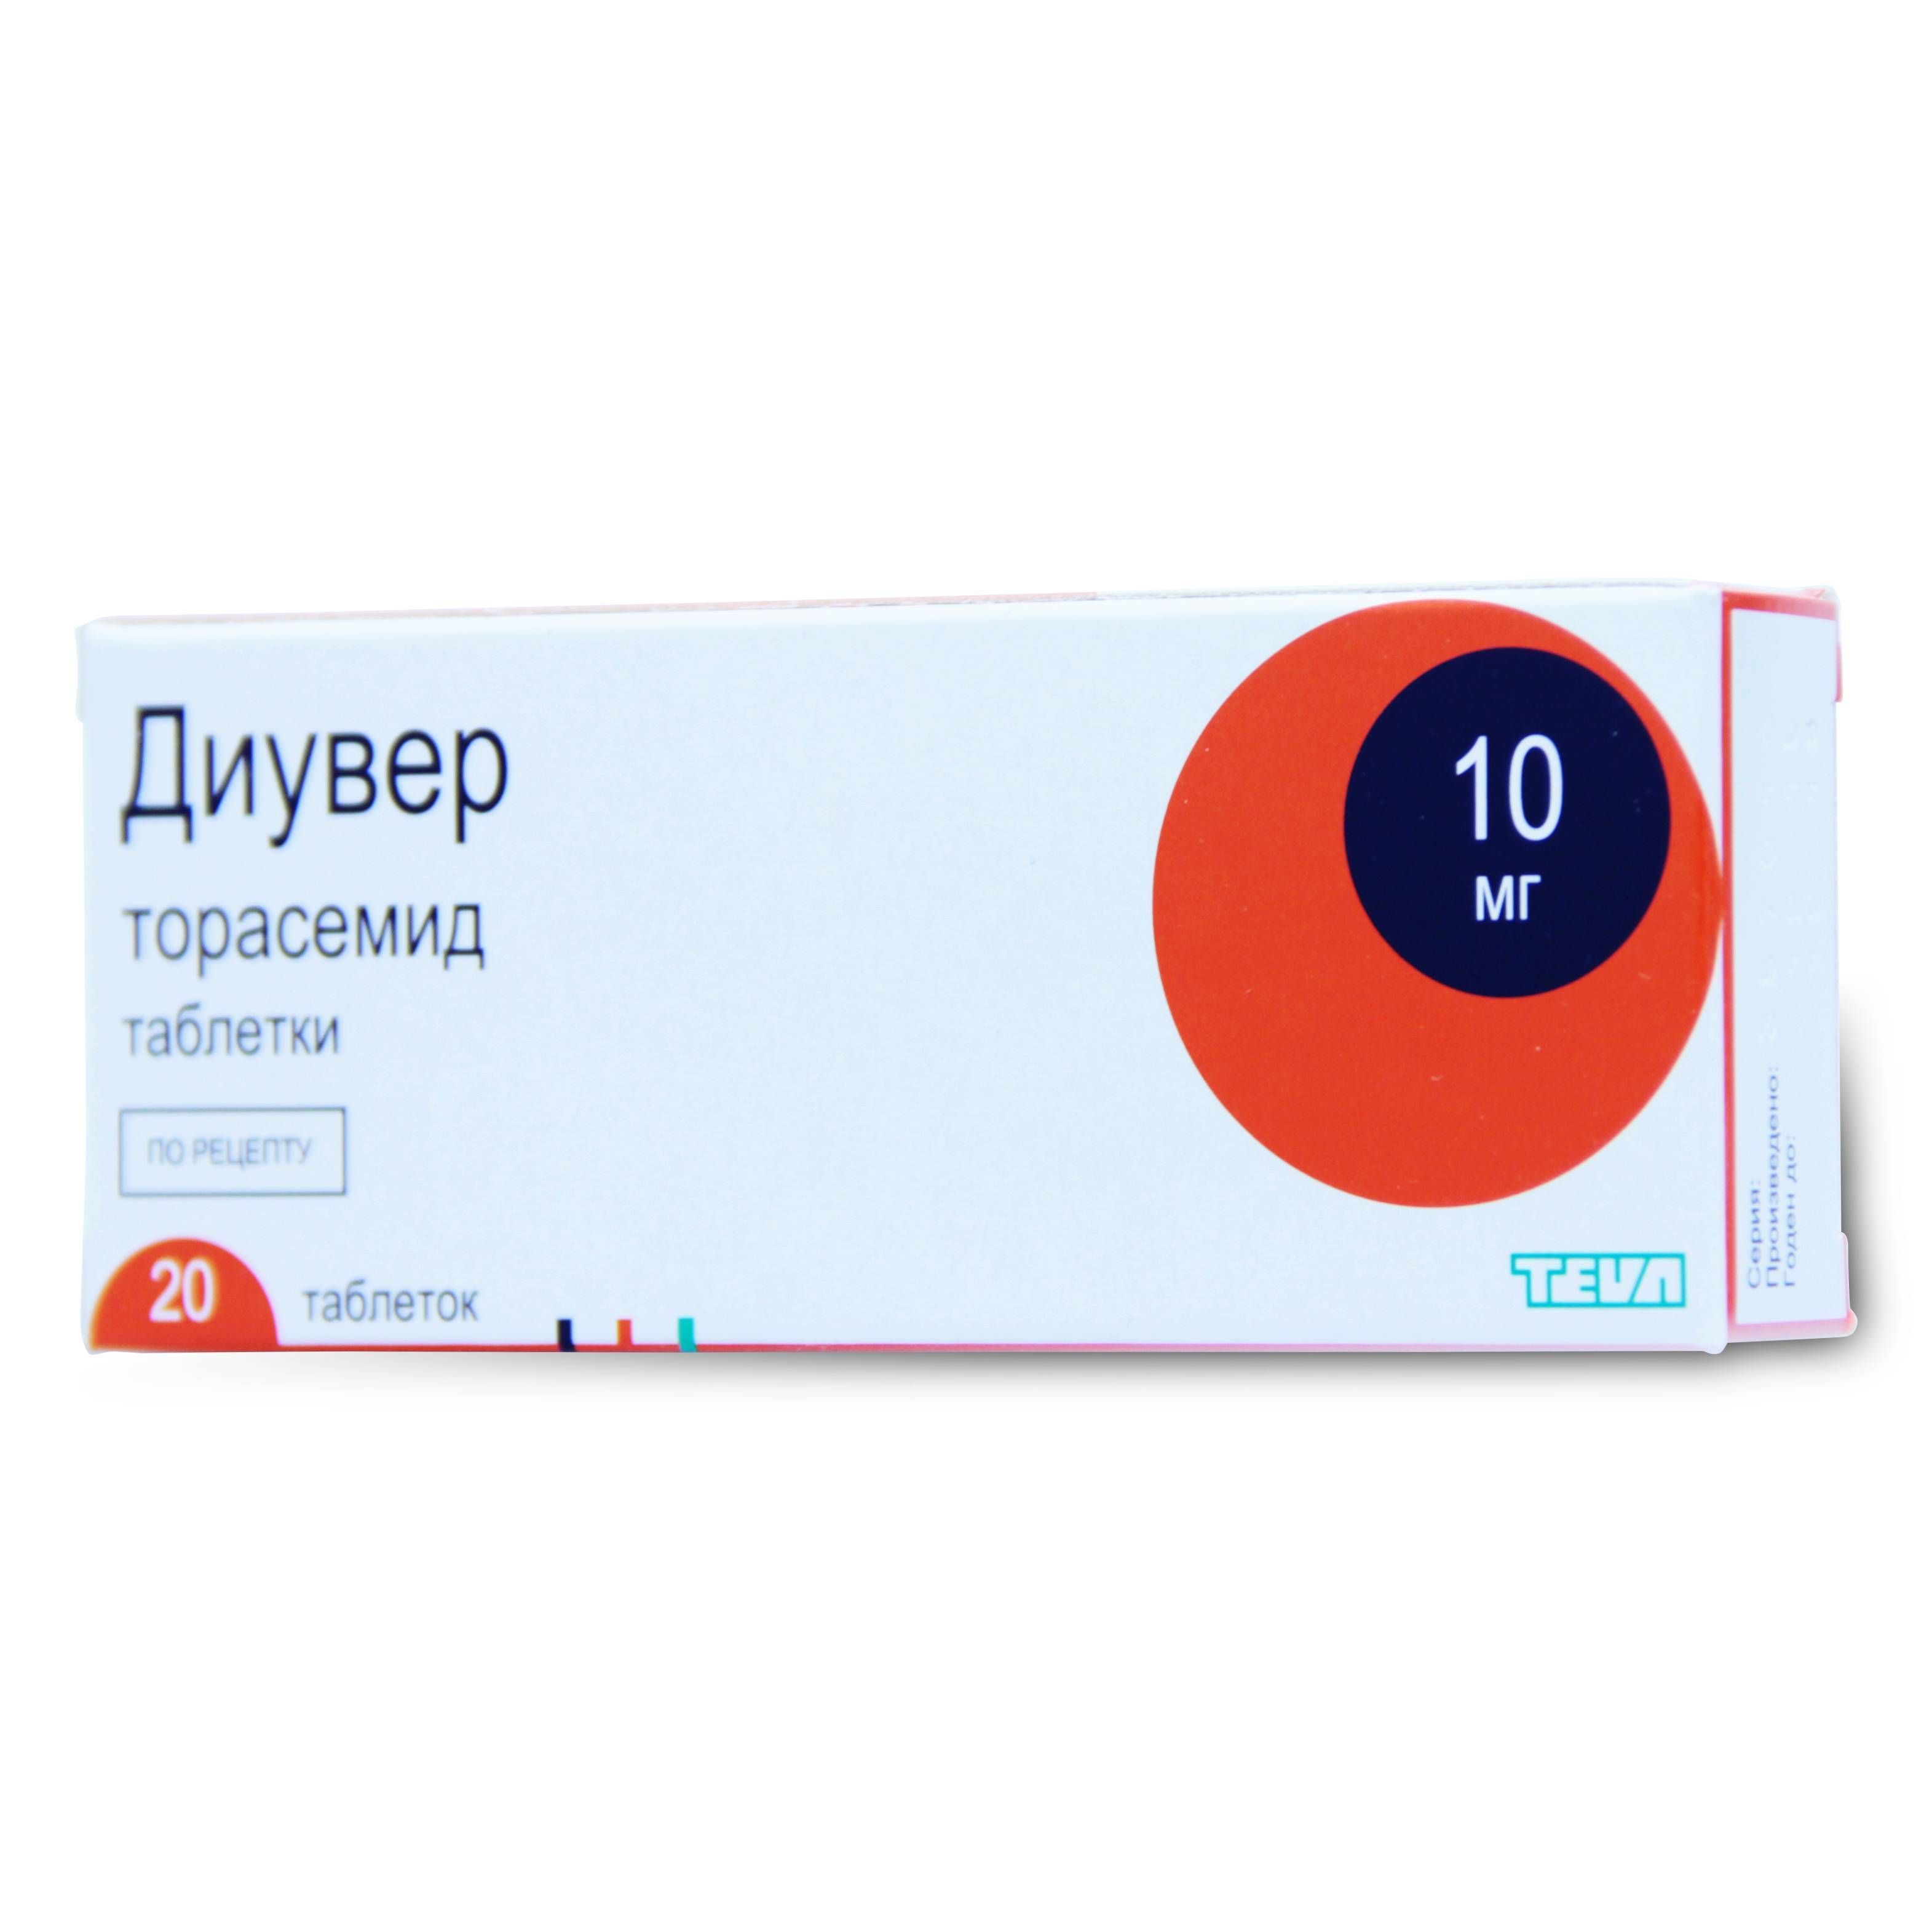 Фуросемид или верошпирон — что лучше при отеках: основные свойства лекарств, сравнительные характеристики